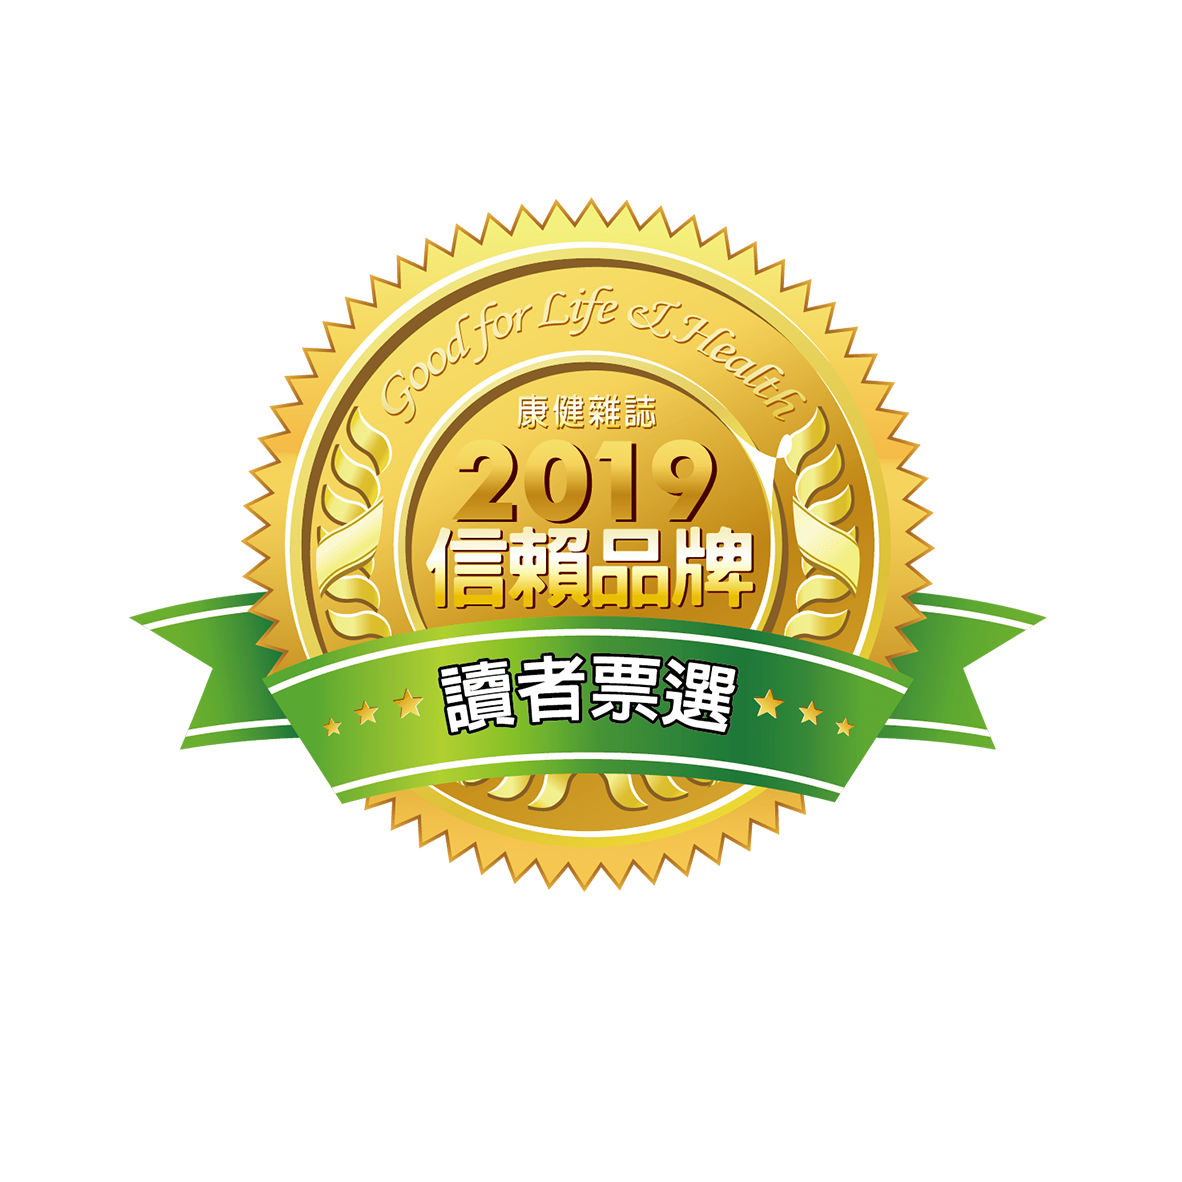 狂賀!丸莊醬油連續兩年榮獲《康健雜誌》「信賴品牌」醬油類第一名。